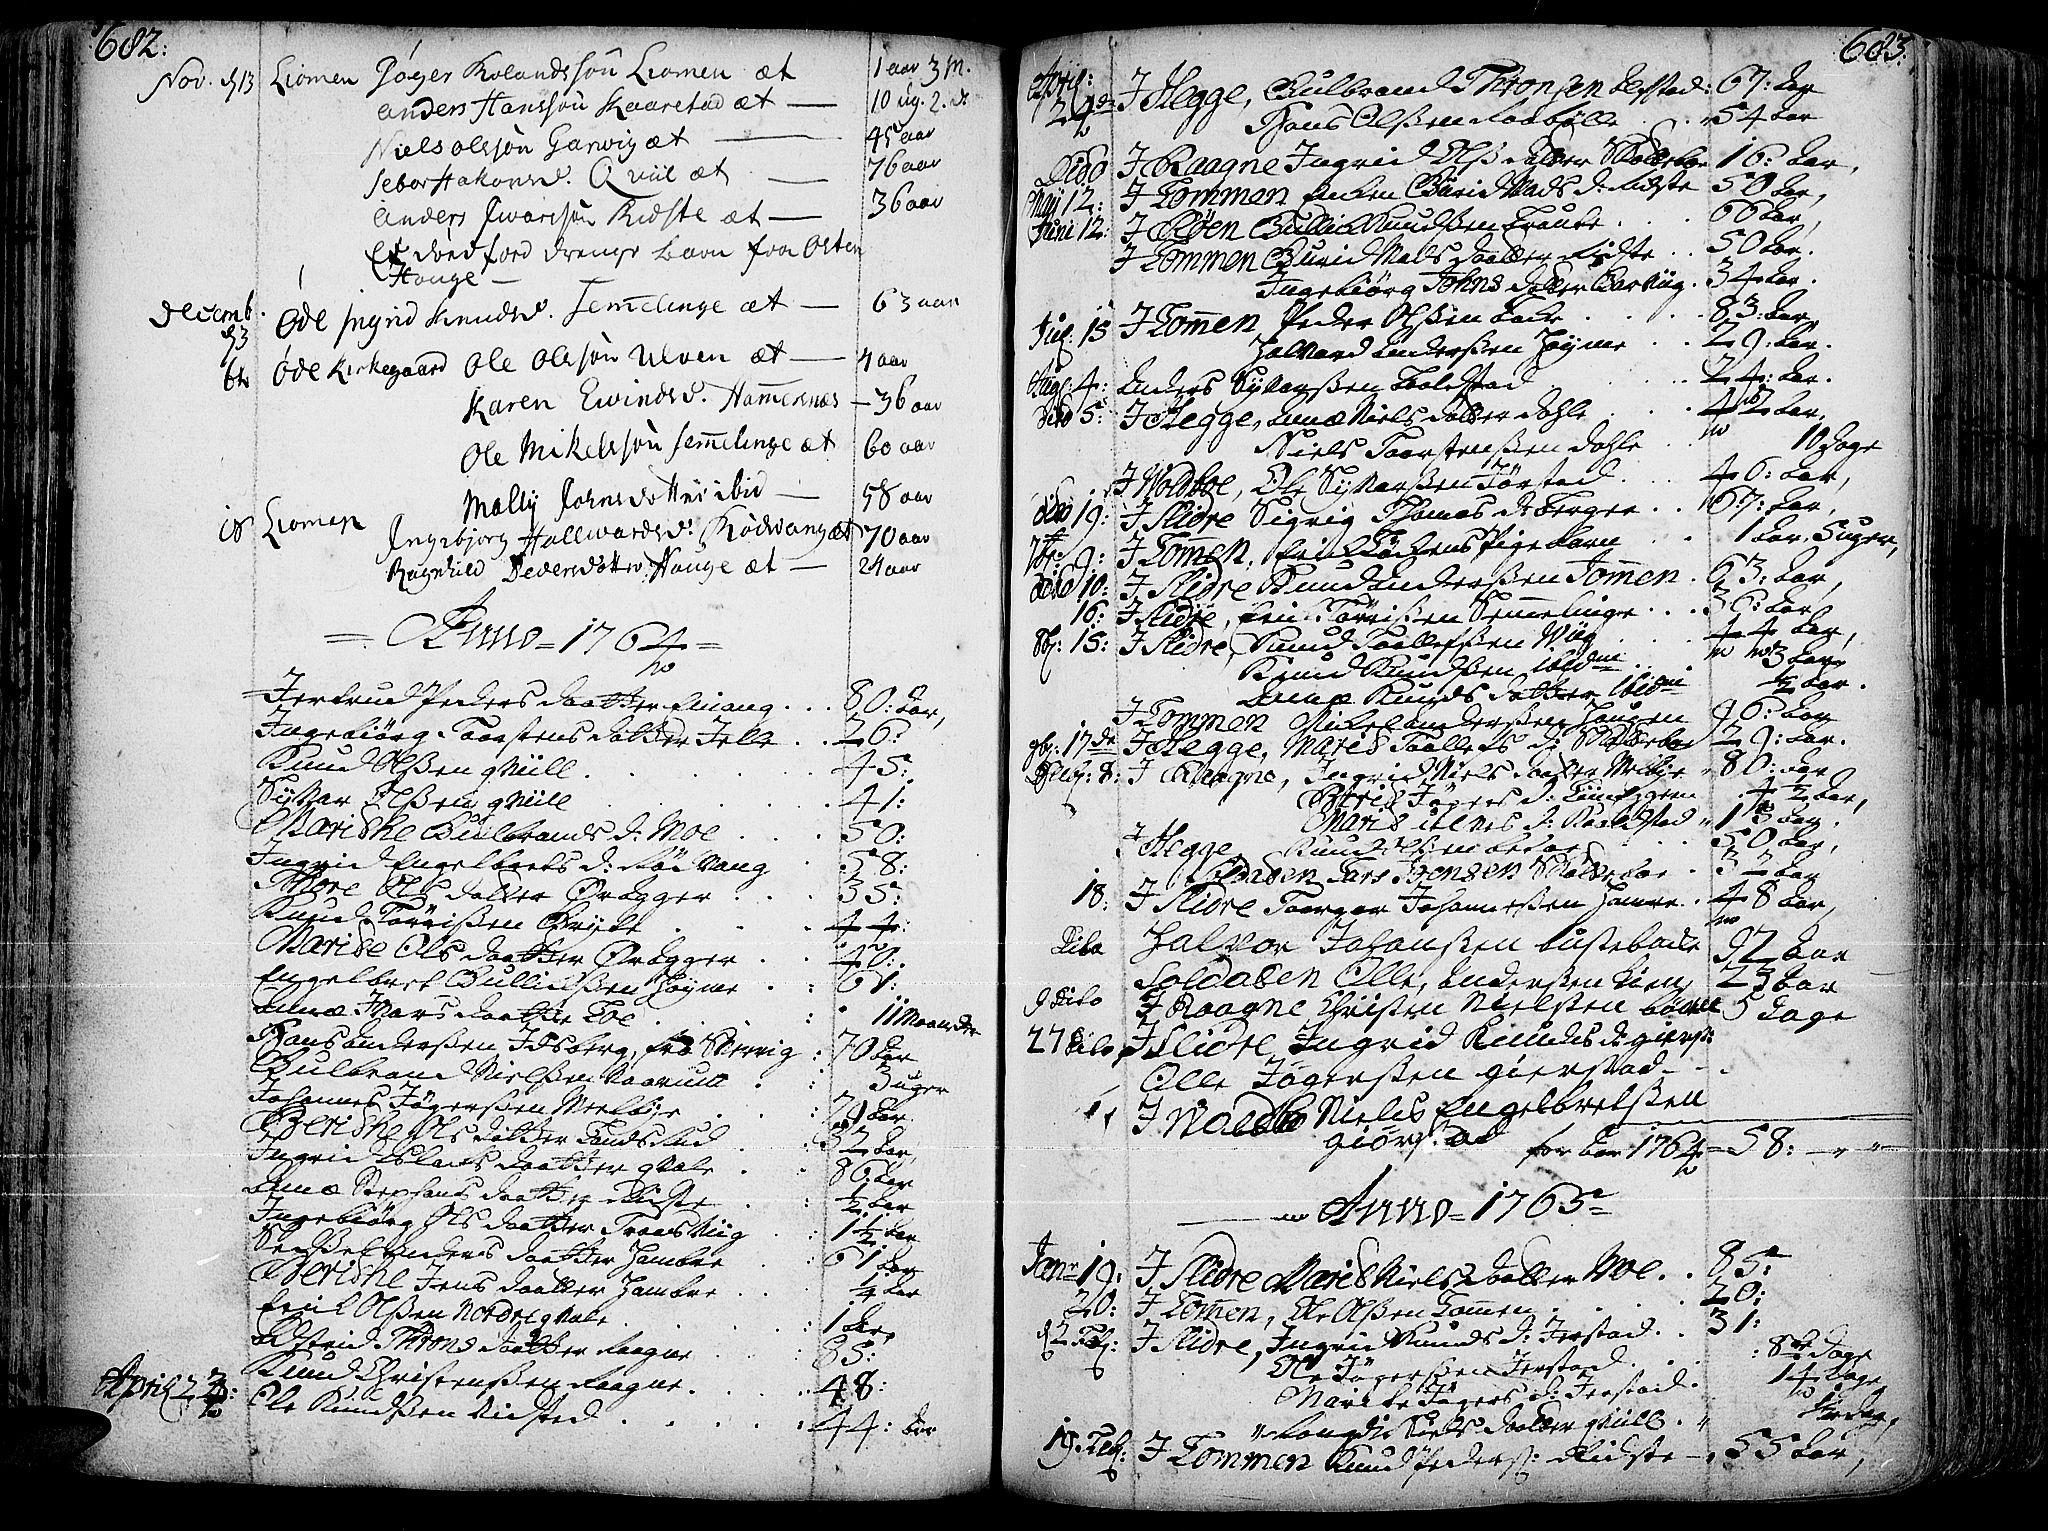 SAH, Slidre prestekontor, Ministerialbok nr. 1, 1724-1814, s. 682-683